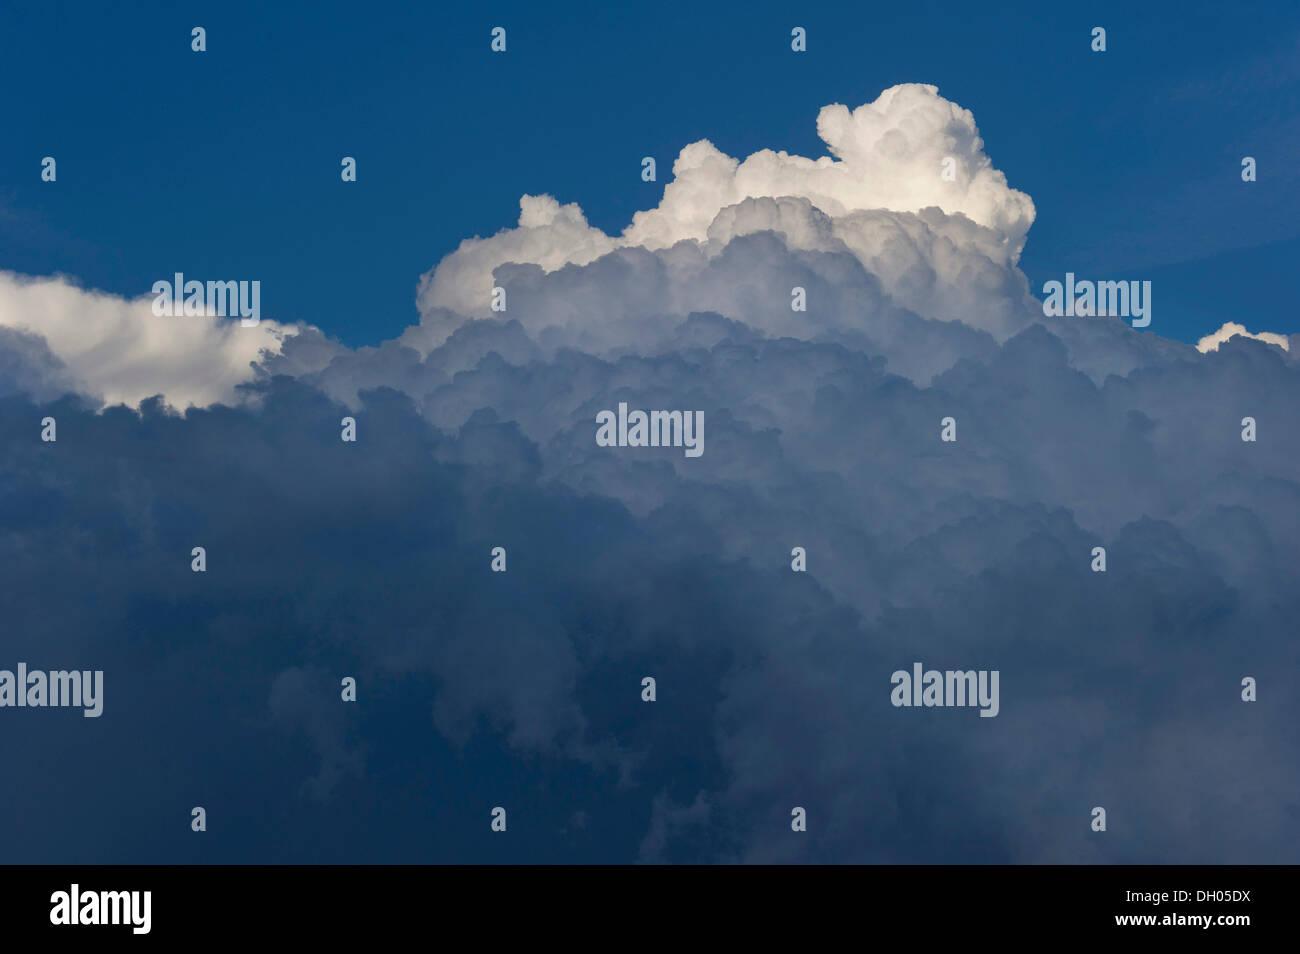 Cumulonimbus cloud, thundercloud, Marzling, Upper Bavaria, Bavaria, Germany - Stock Image